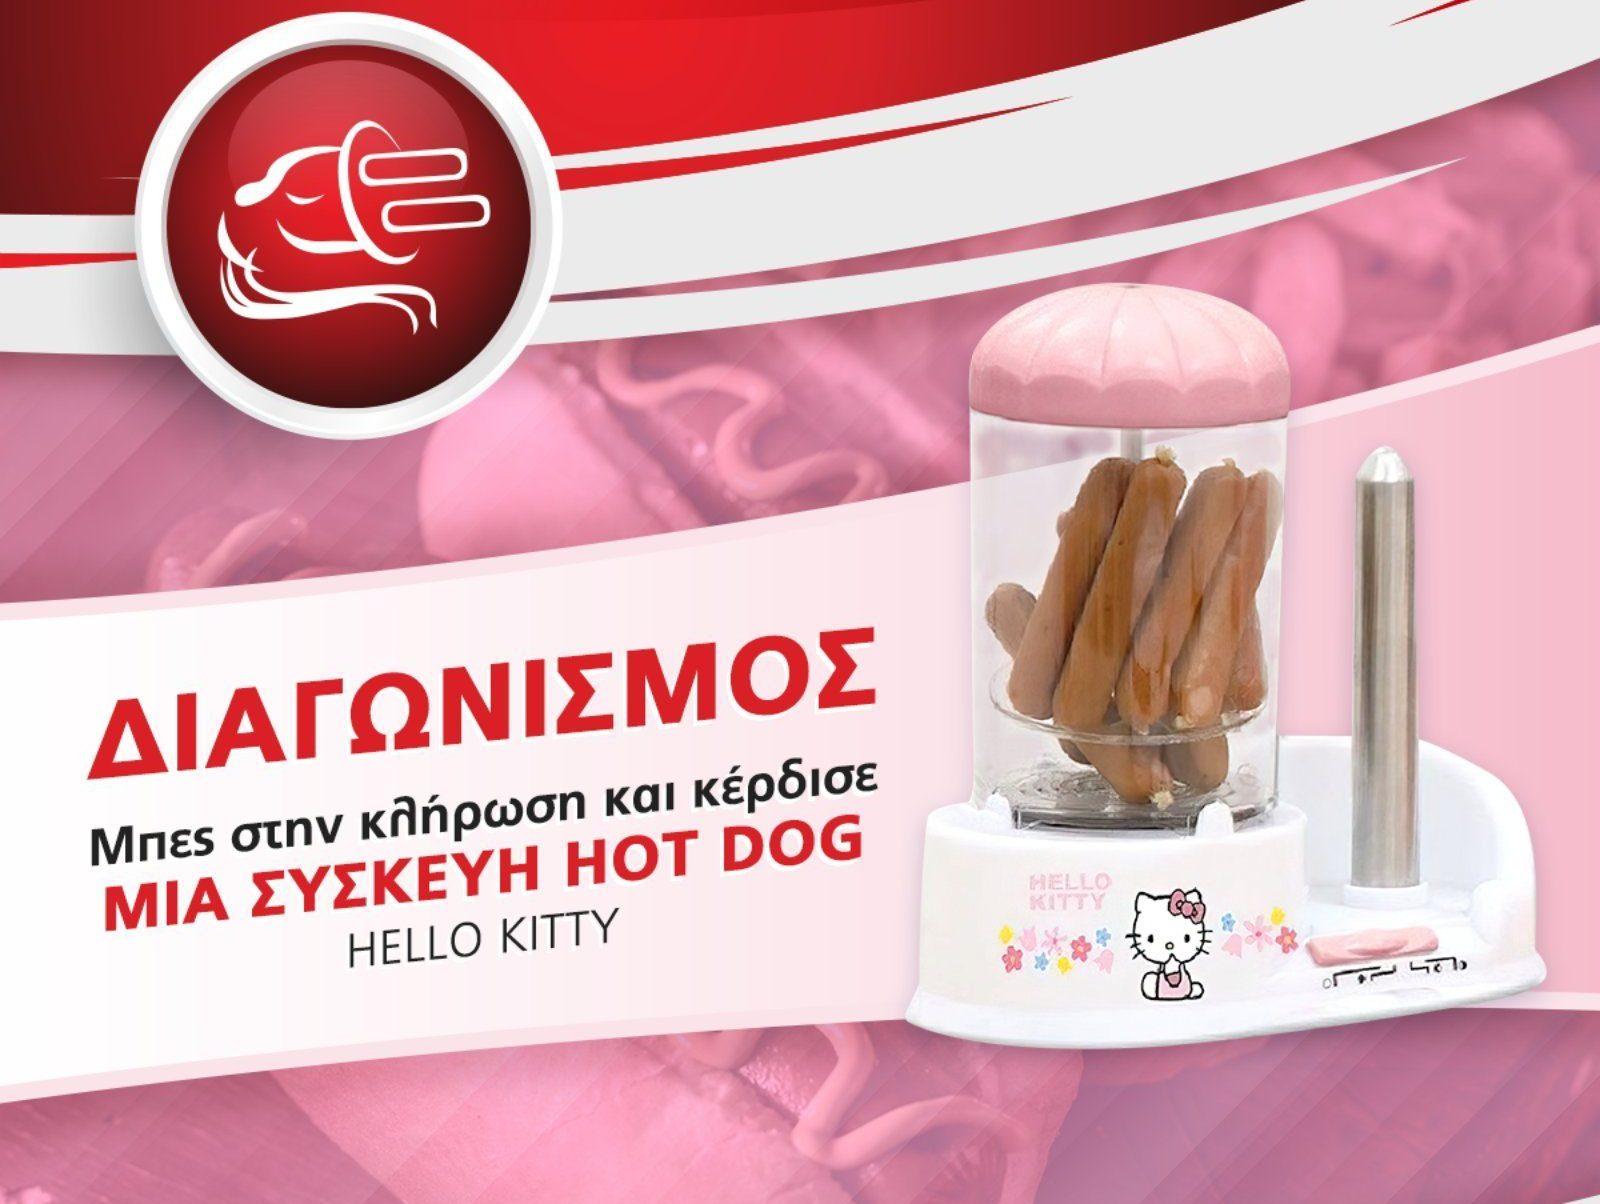 ΔΙΑΓΩΝΙΣΜΟΣ: Κερδίστε μια συσκευή hot dog!